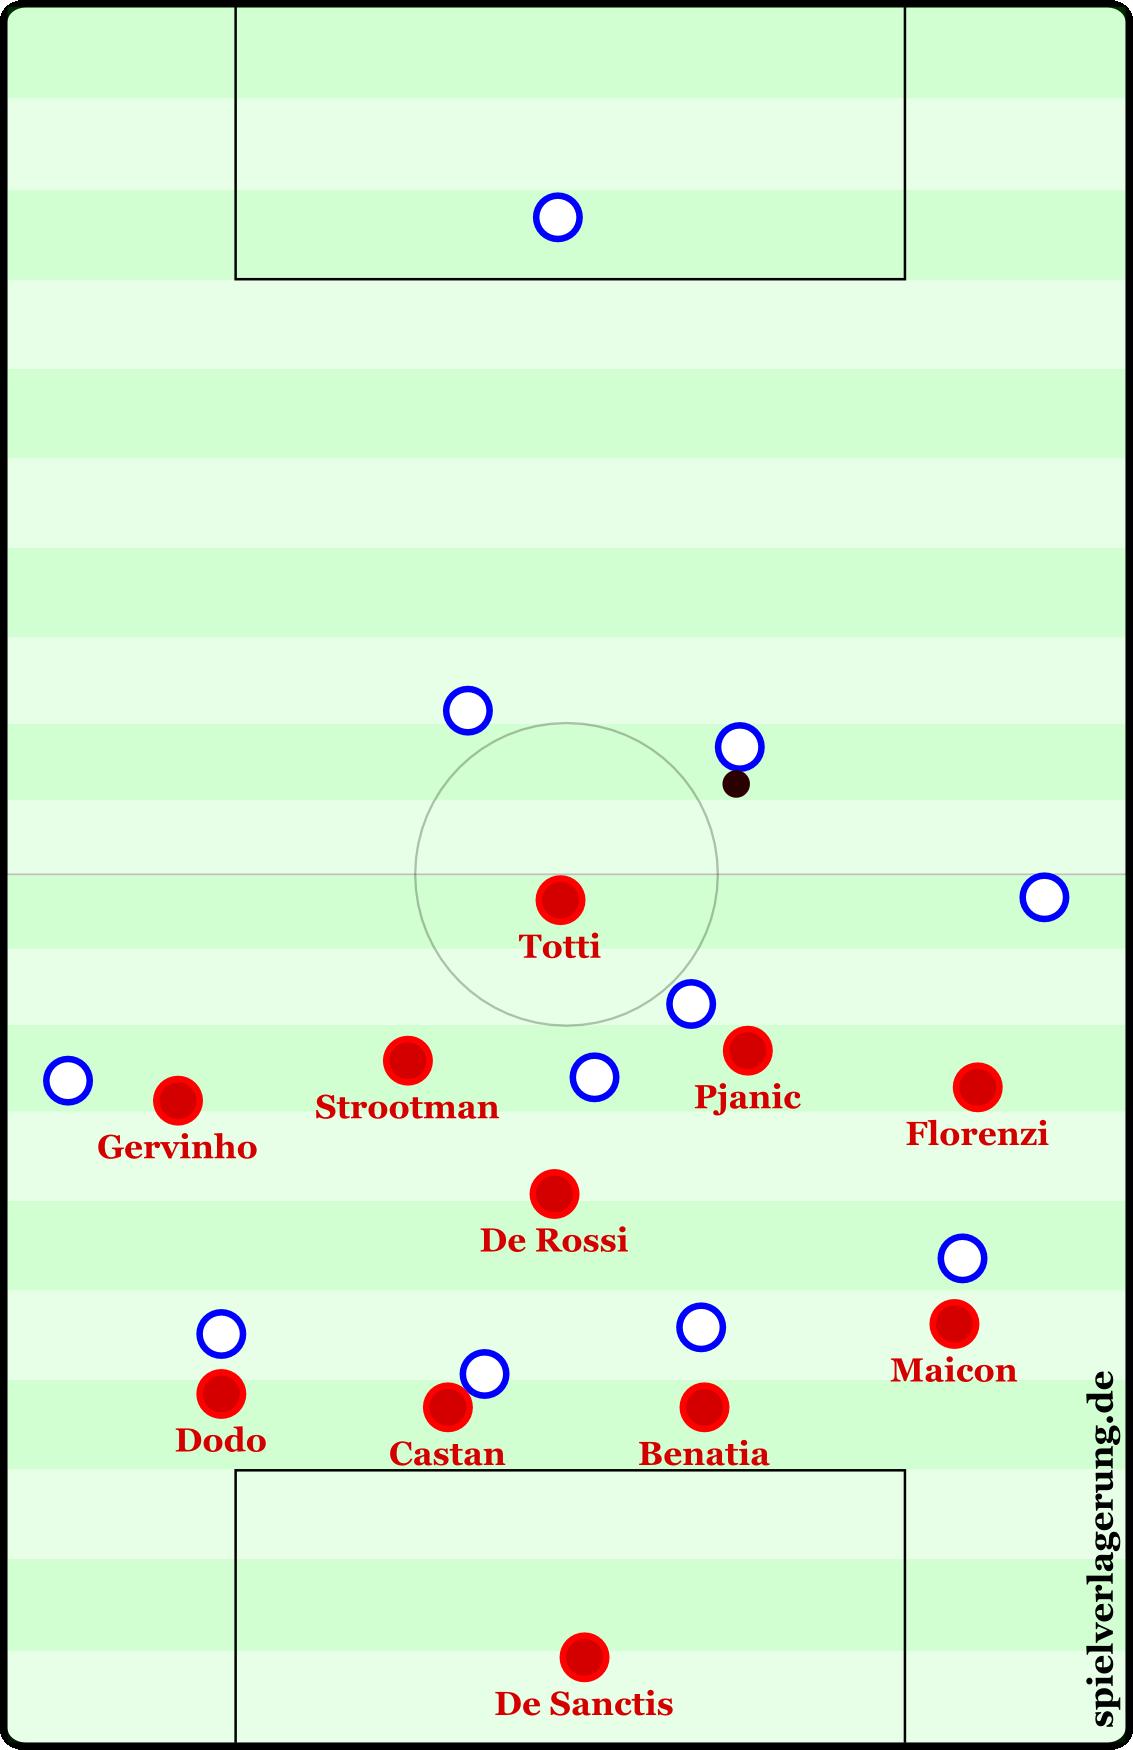 Der AS Rom presst keineswegs hoch bzw. nutzt dies eher als taktisches Mittel. Hier eine Szene aus der Partie gegen Napoli.  Pjanic und Strootman stehen gar höher, als die Flügelstürmer.